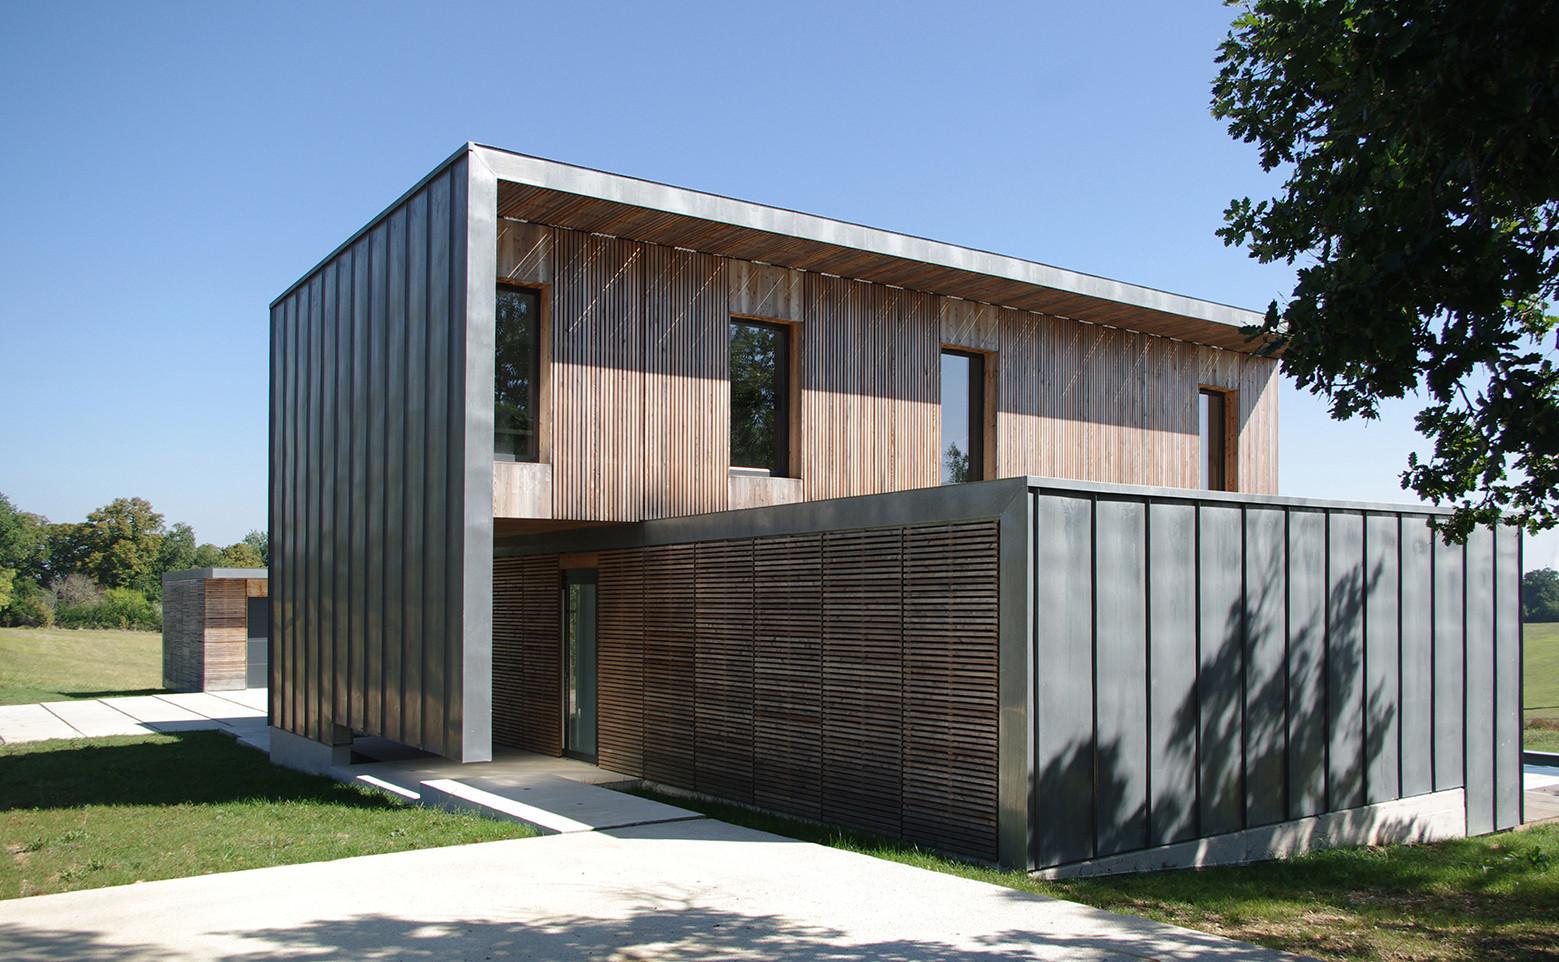 548faf3fe58eced8d00000bc_maison-l-estelle-fran-ois-primault-architecte_mox_141002_exterieur__-11-